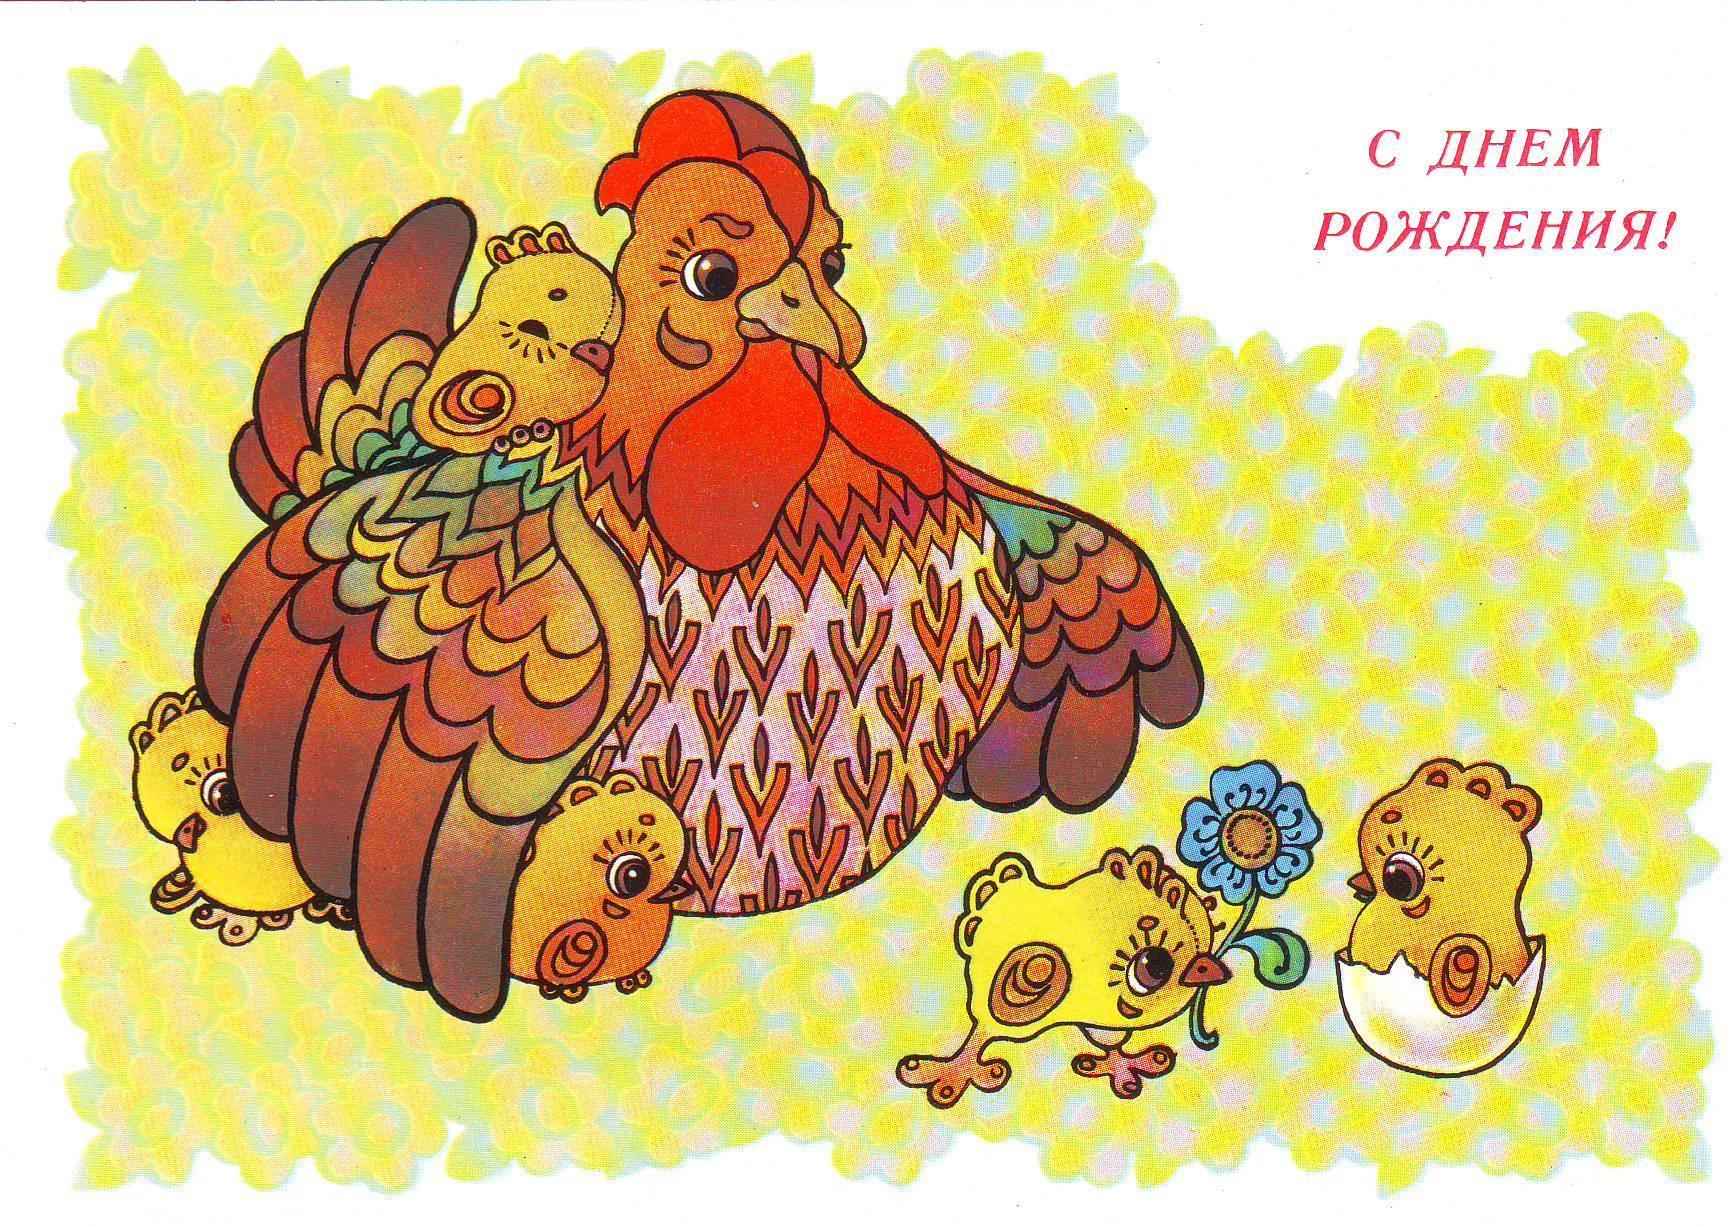 С днем рождения открытка 80-х